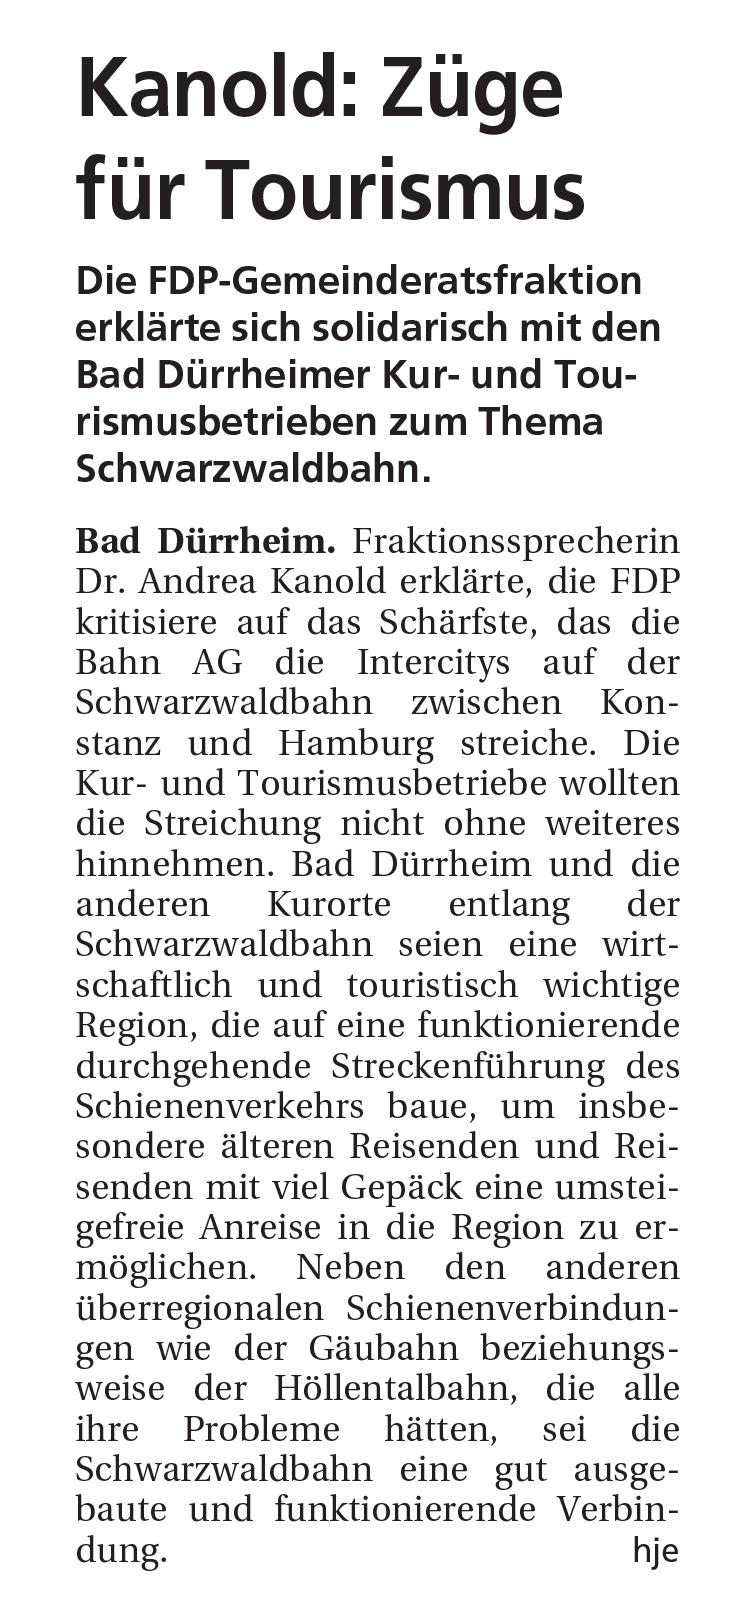 SWP_2014-08-05_IC-Schwarzwaldbahn_Kanold